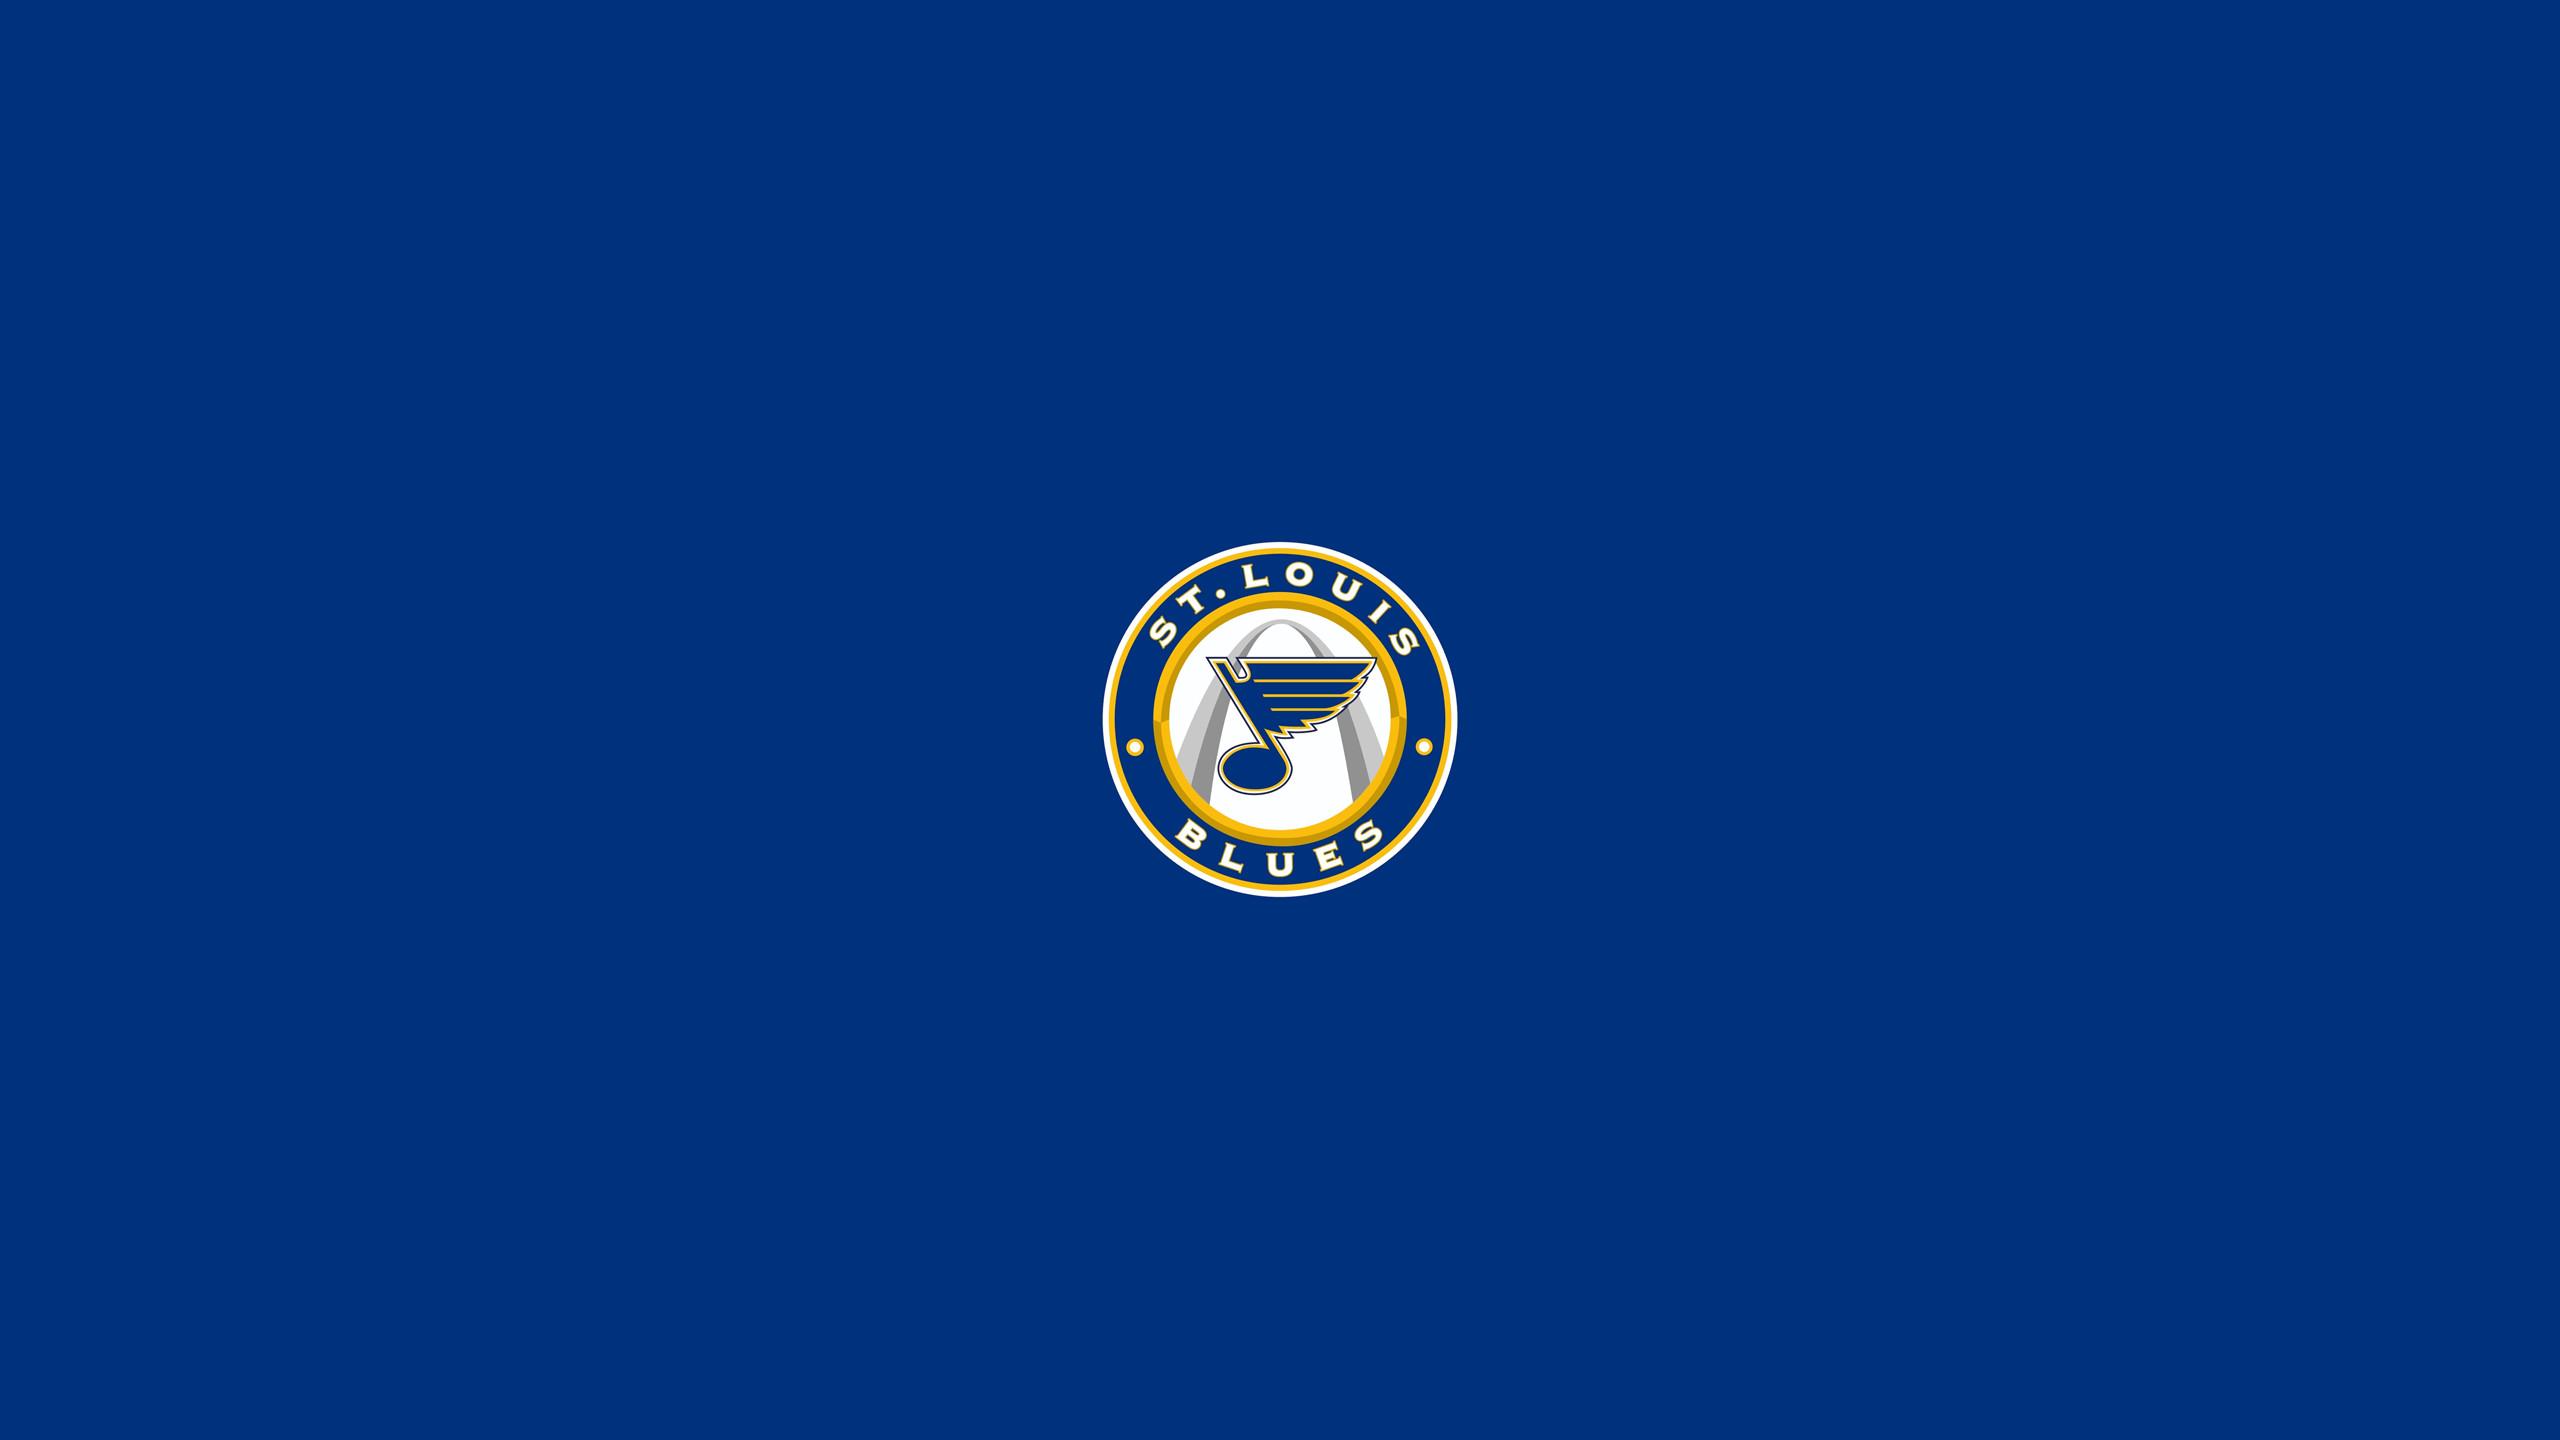 St Louis Blues Wallpaper (79+ Images